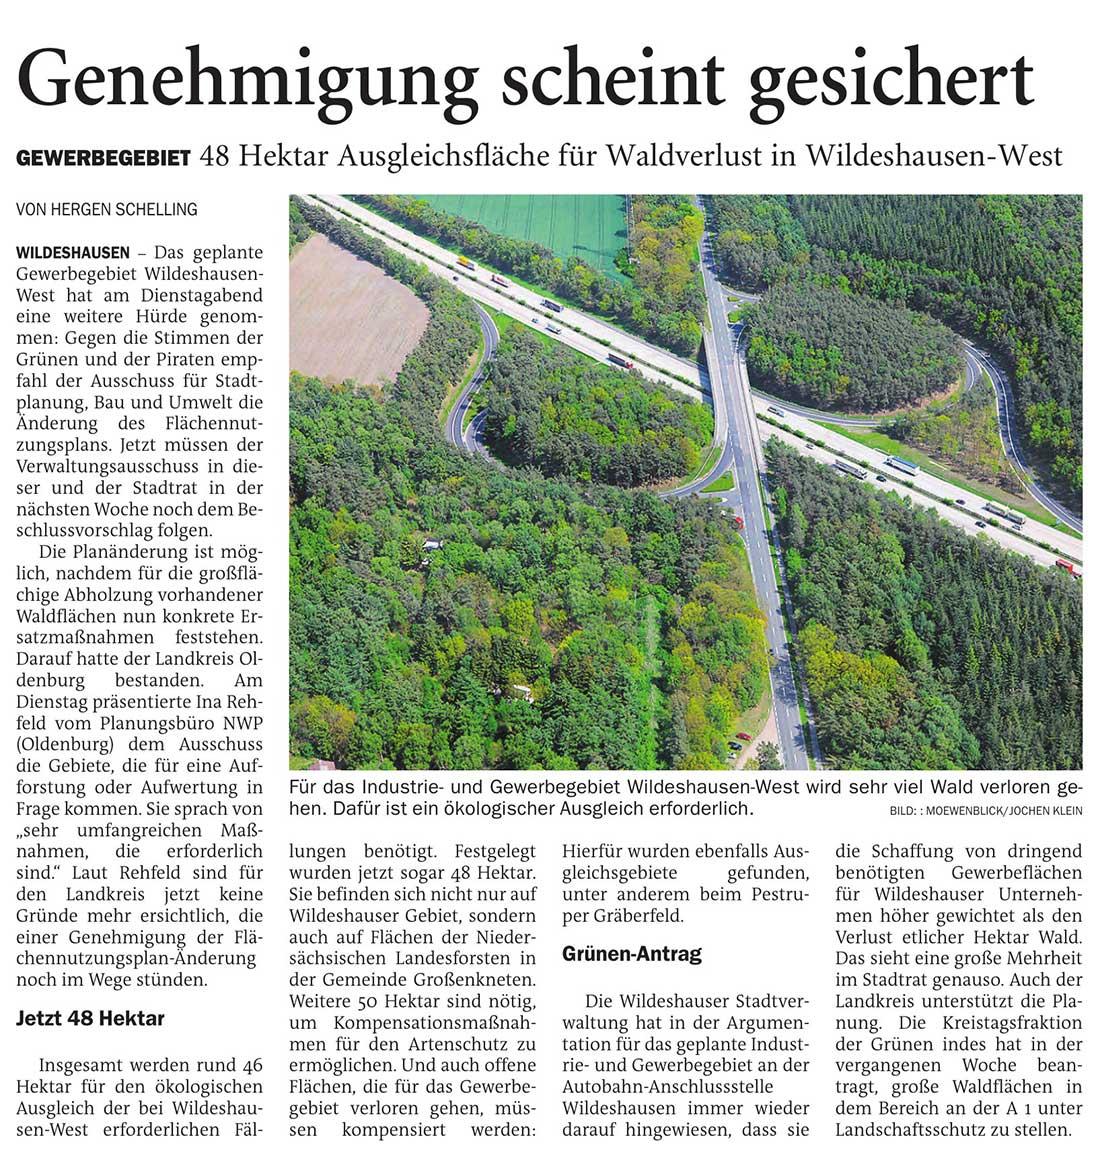 Genehmigung scheint gesichertGewerbegebiet: 48 Hektar Ausgleichsfläche für Waldverlust in Wildeshausen-WestArtikel vom 08.07.2021 (NWZ)